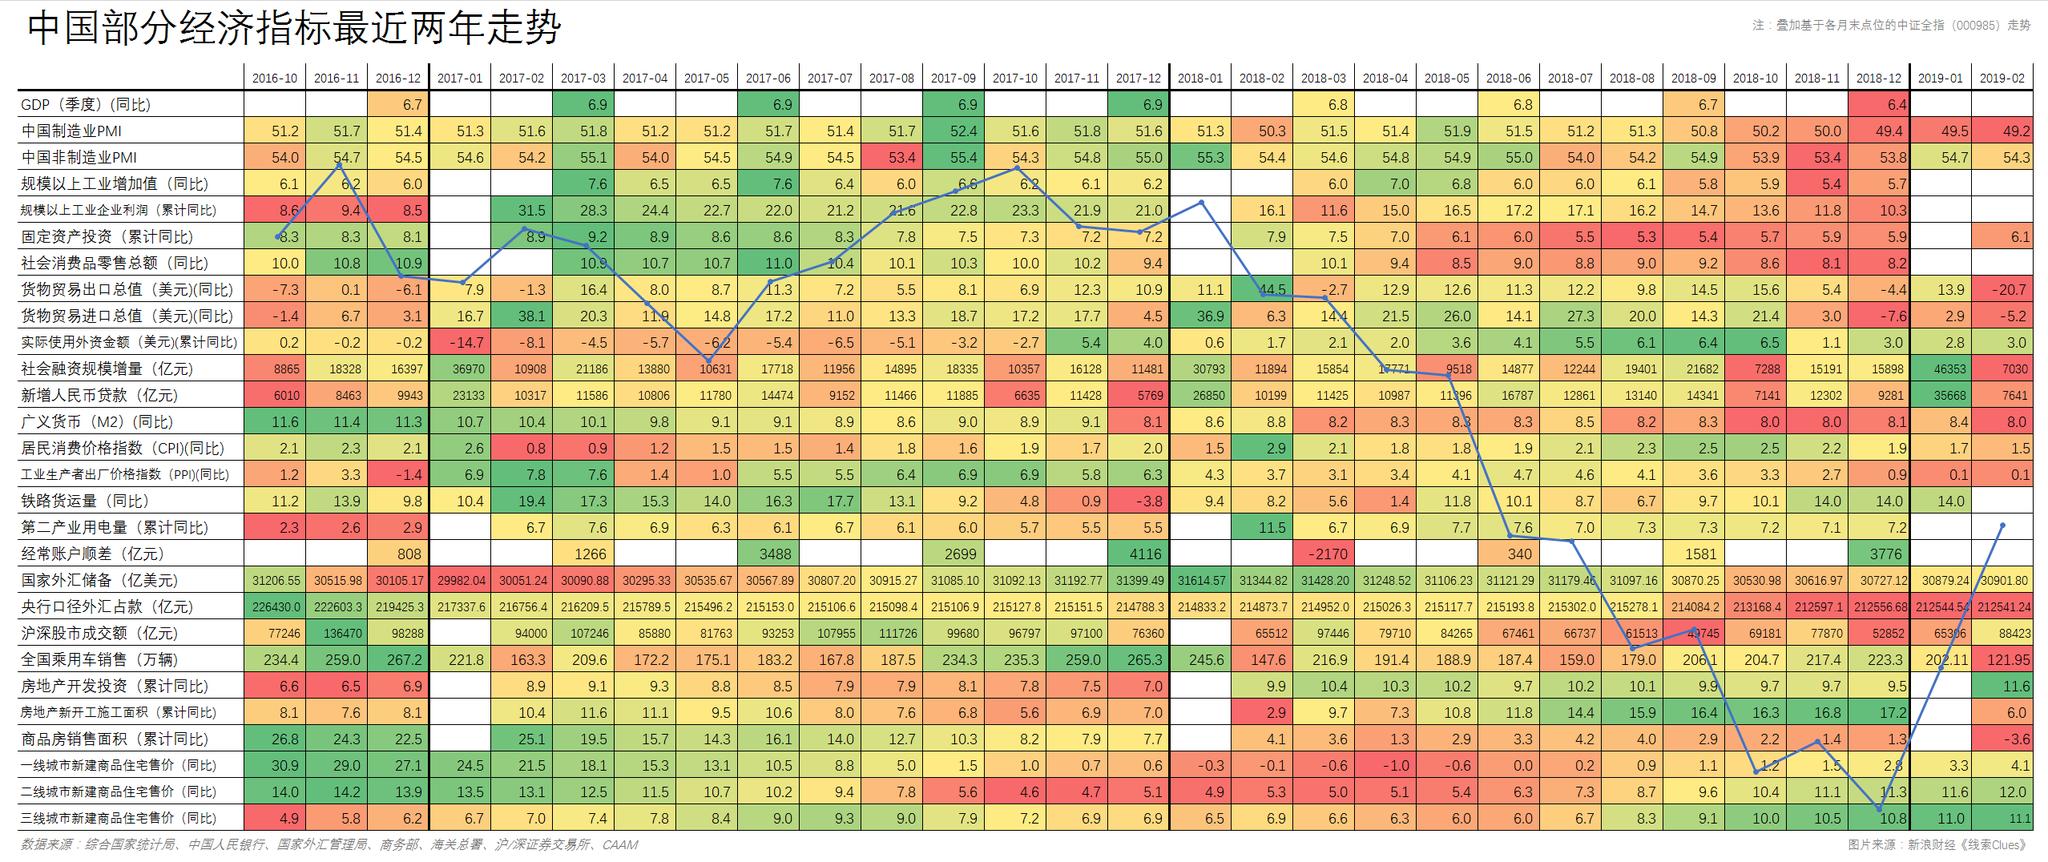 中国片断经济目的近日到两年数据,叠加以基于各月尾了点位的中证全指(000985)走势(图片到来源:《线索Clues》)